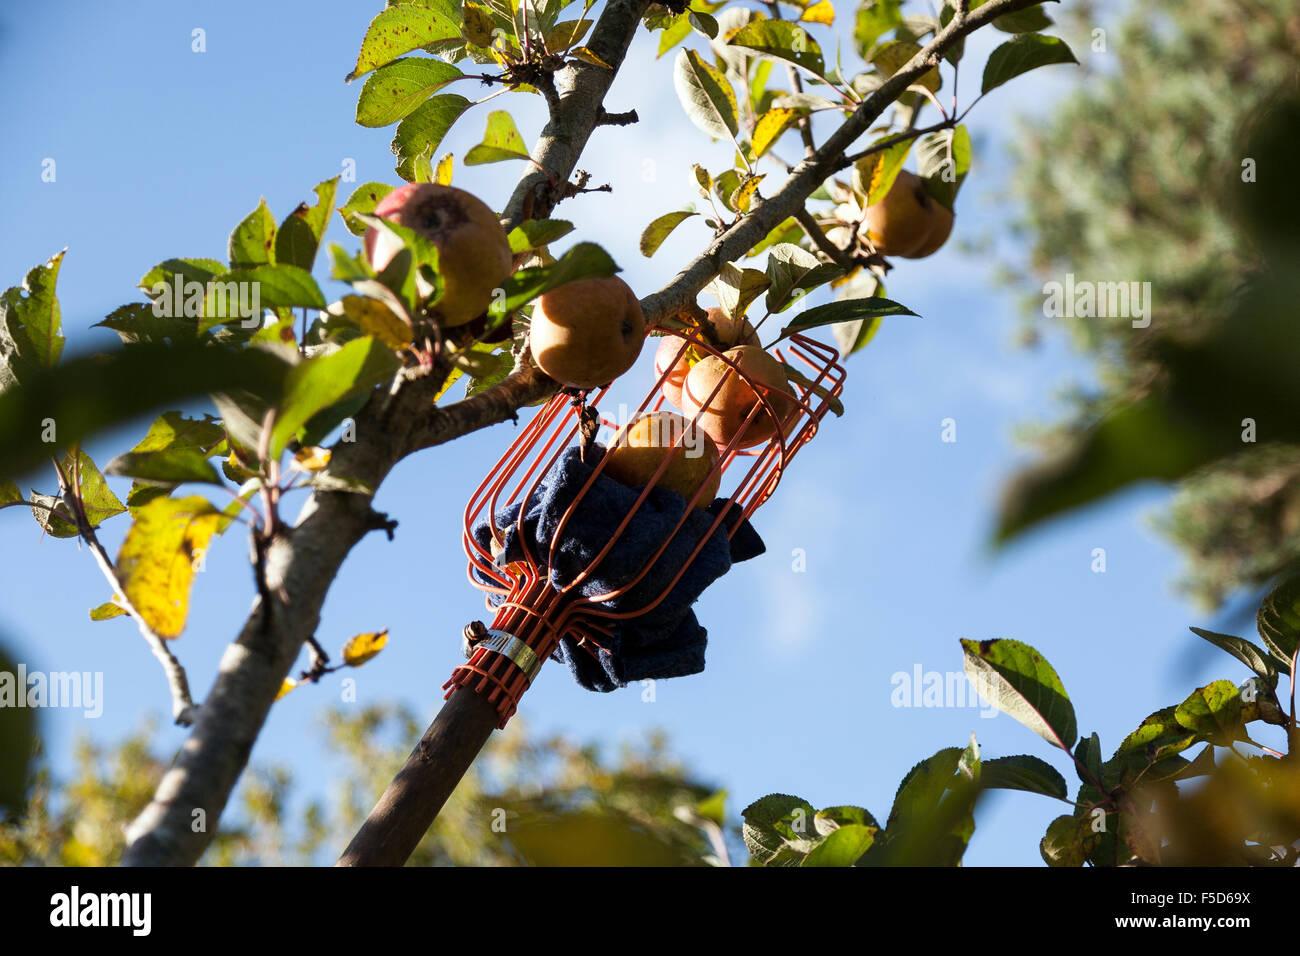 Apfelernte in Devon Obstgarten, Baum, Obst, Vektor, Obstgarten, Ernte, produzieren, reif, Apfelbaum, Gliederung, Stockbild